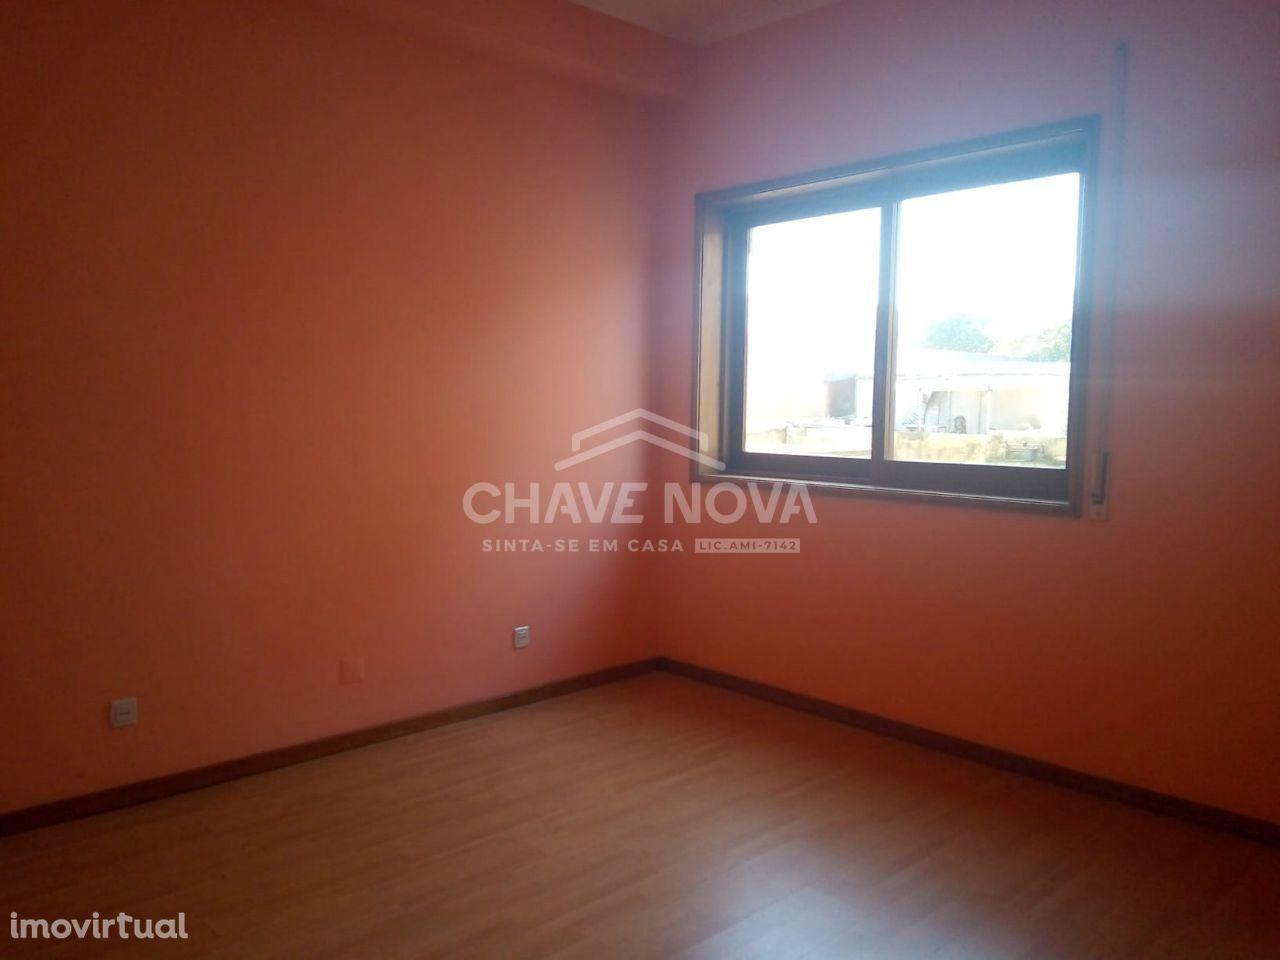 MV - Apartamento T3 - Vilar Andorinho - excelente investimento